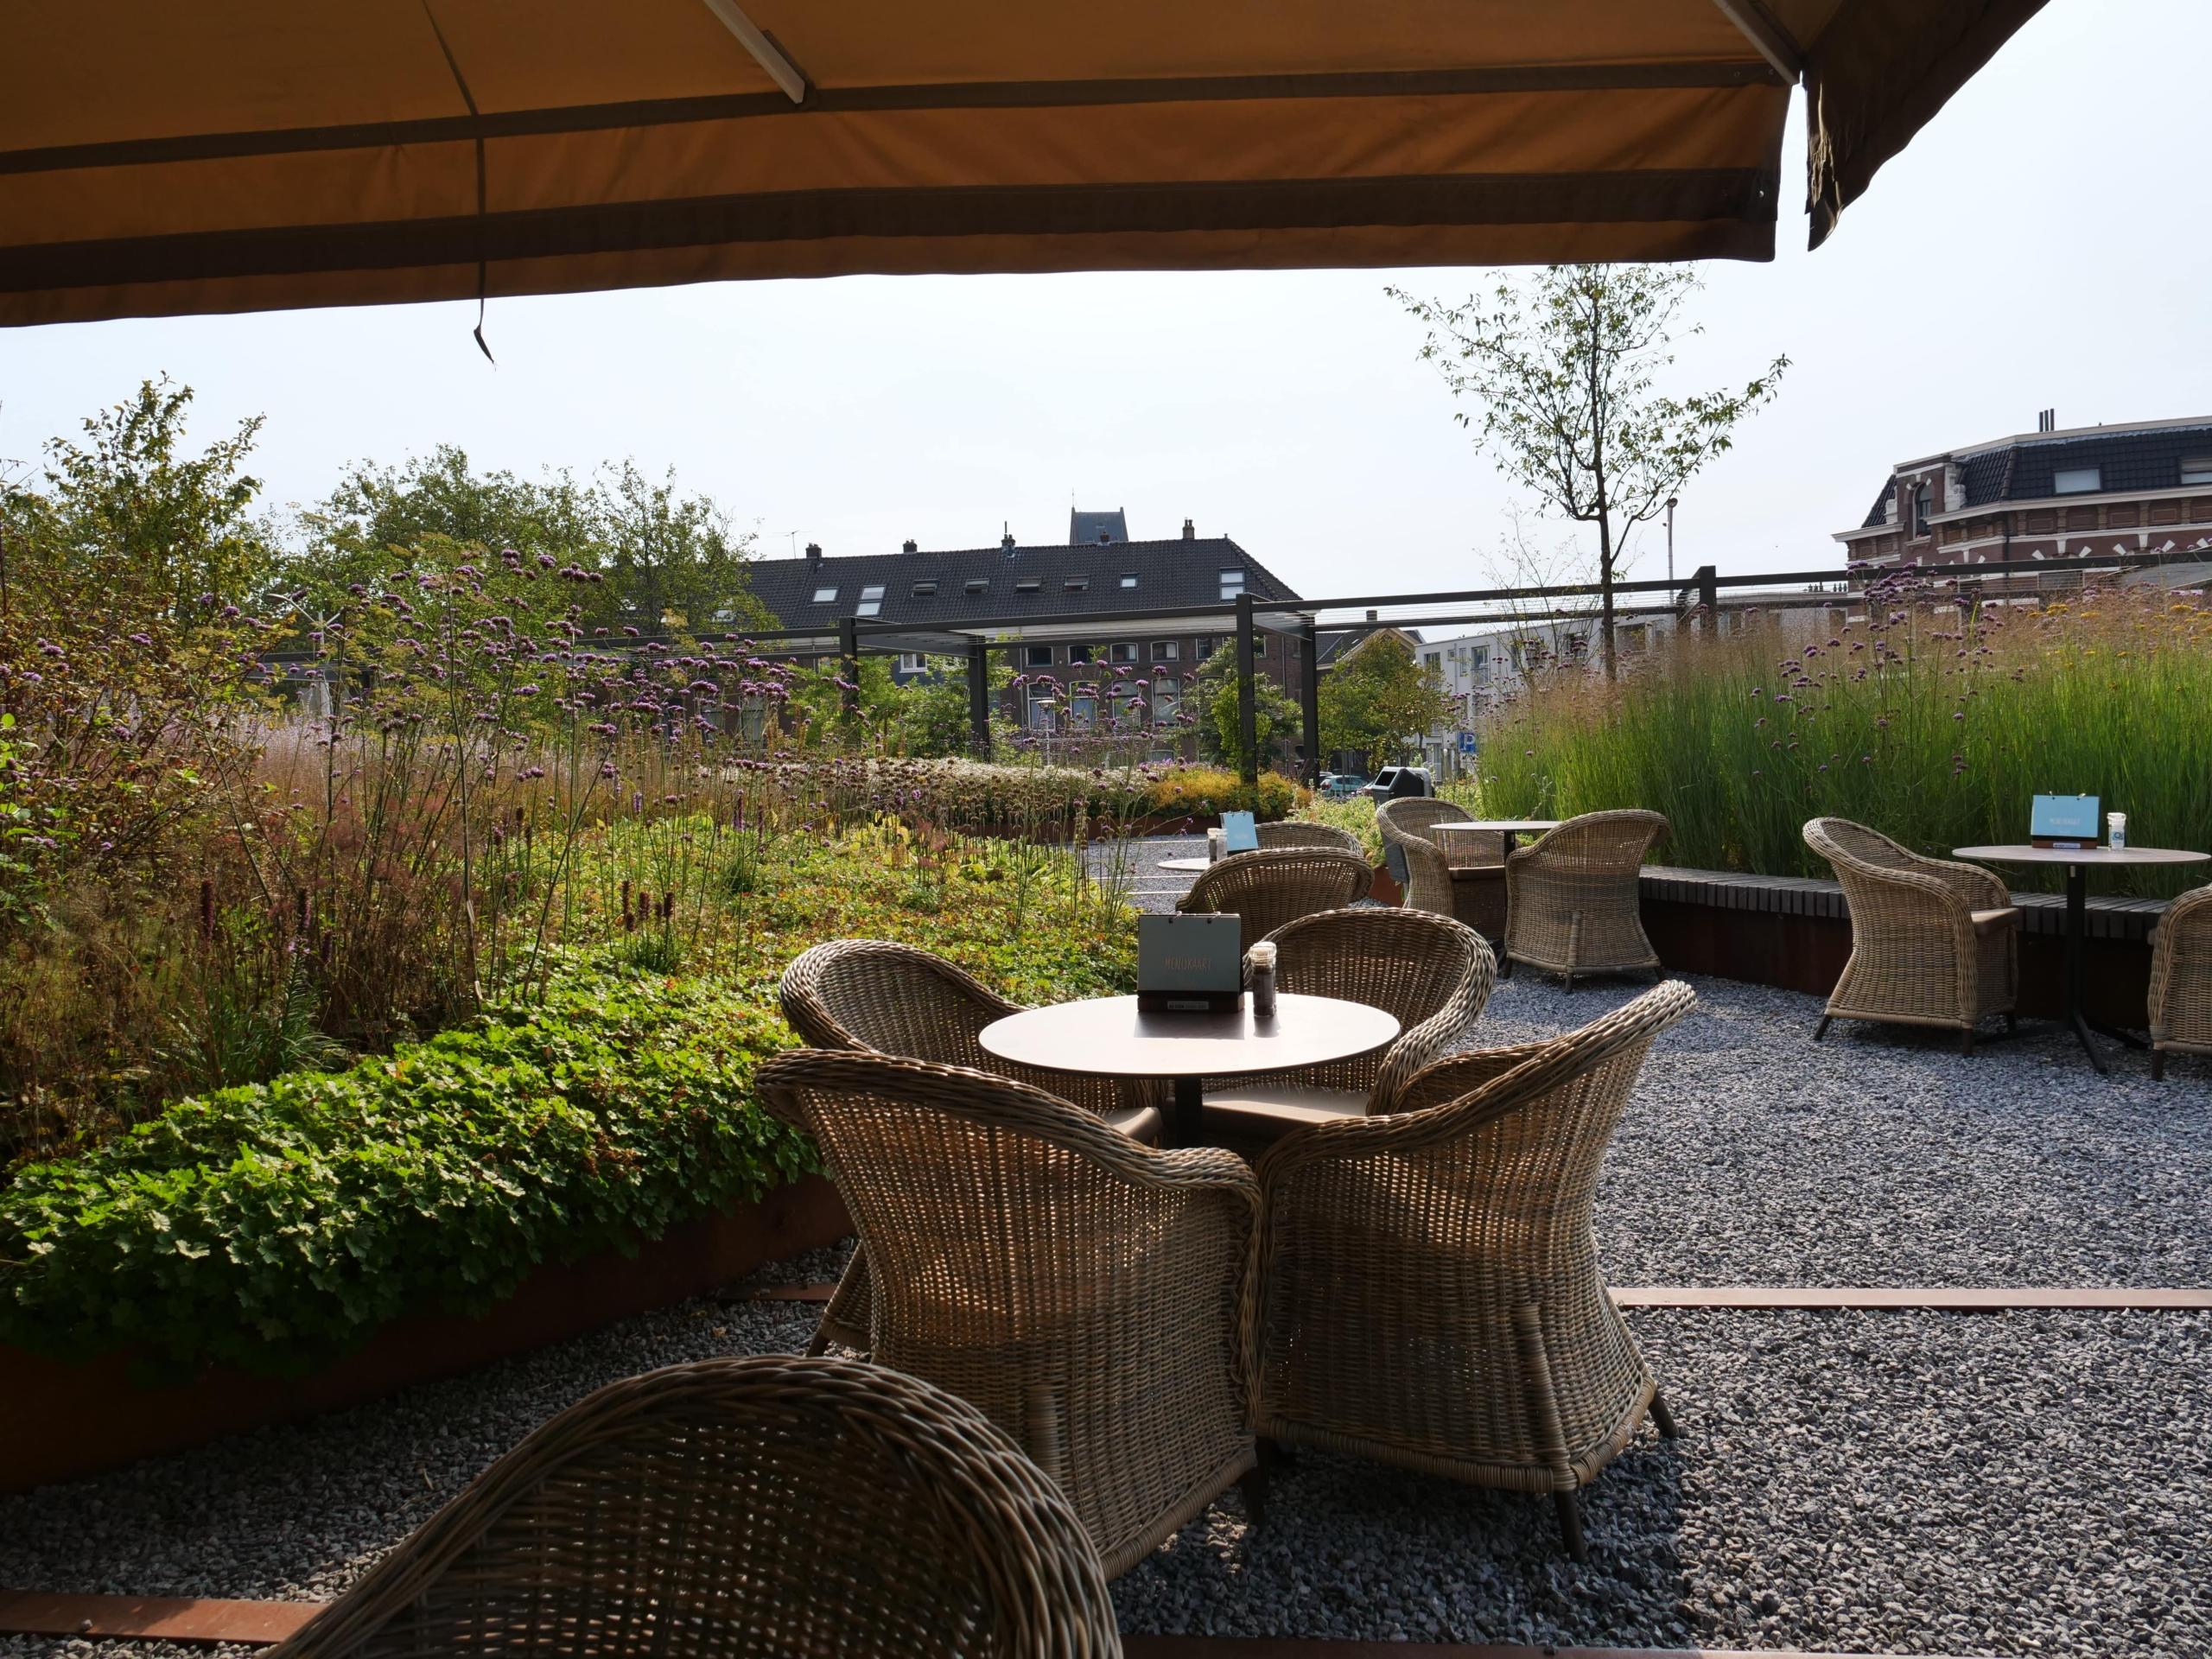 terras in Park Spoorloos in Nieuw Delft